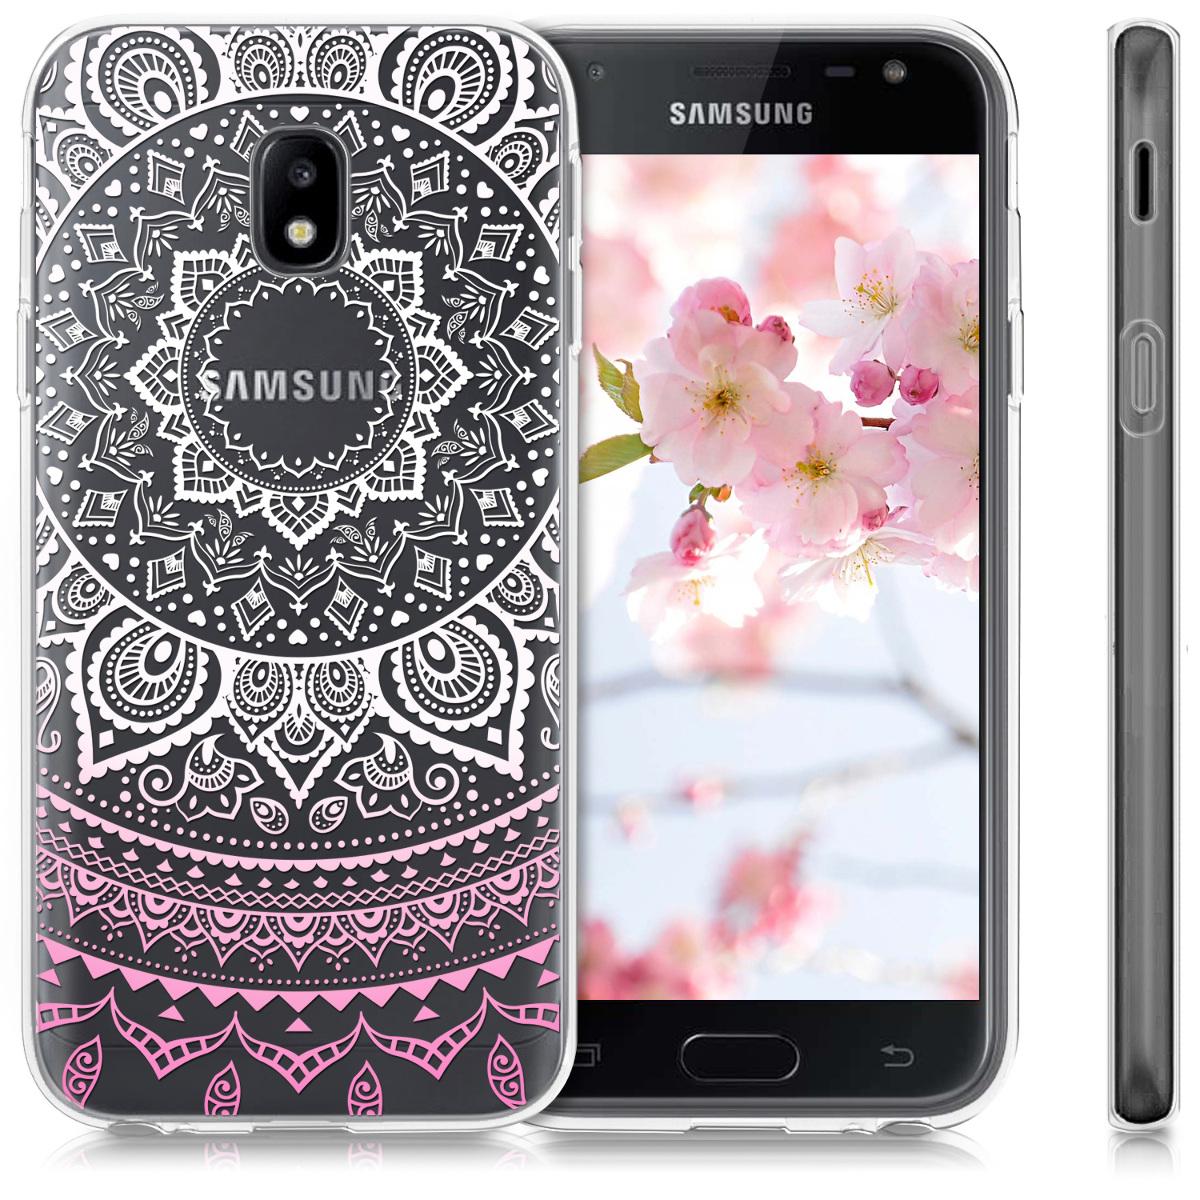 Handyhülle Samsung Galaxy : handyh lle f r samsung galaxy j3 2017 duos h lle handy case cover silikon ebay ~ Aude.kayakingforconservation.com Haus und Dekorationen